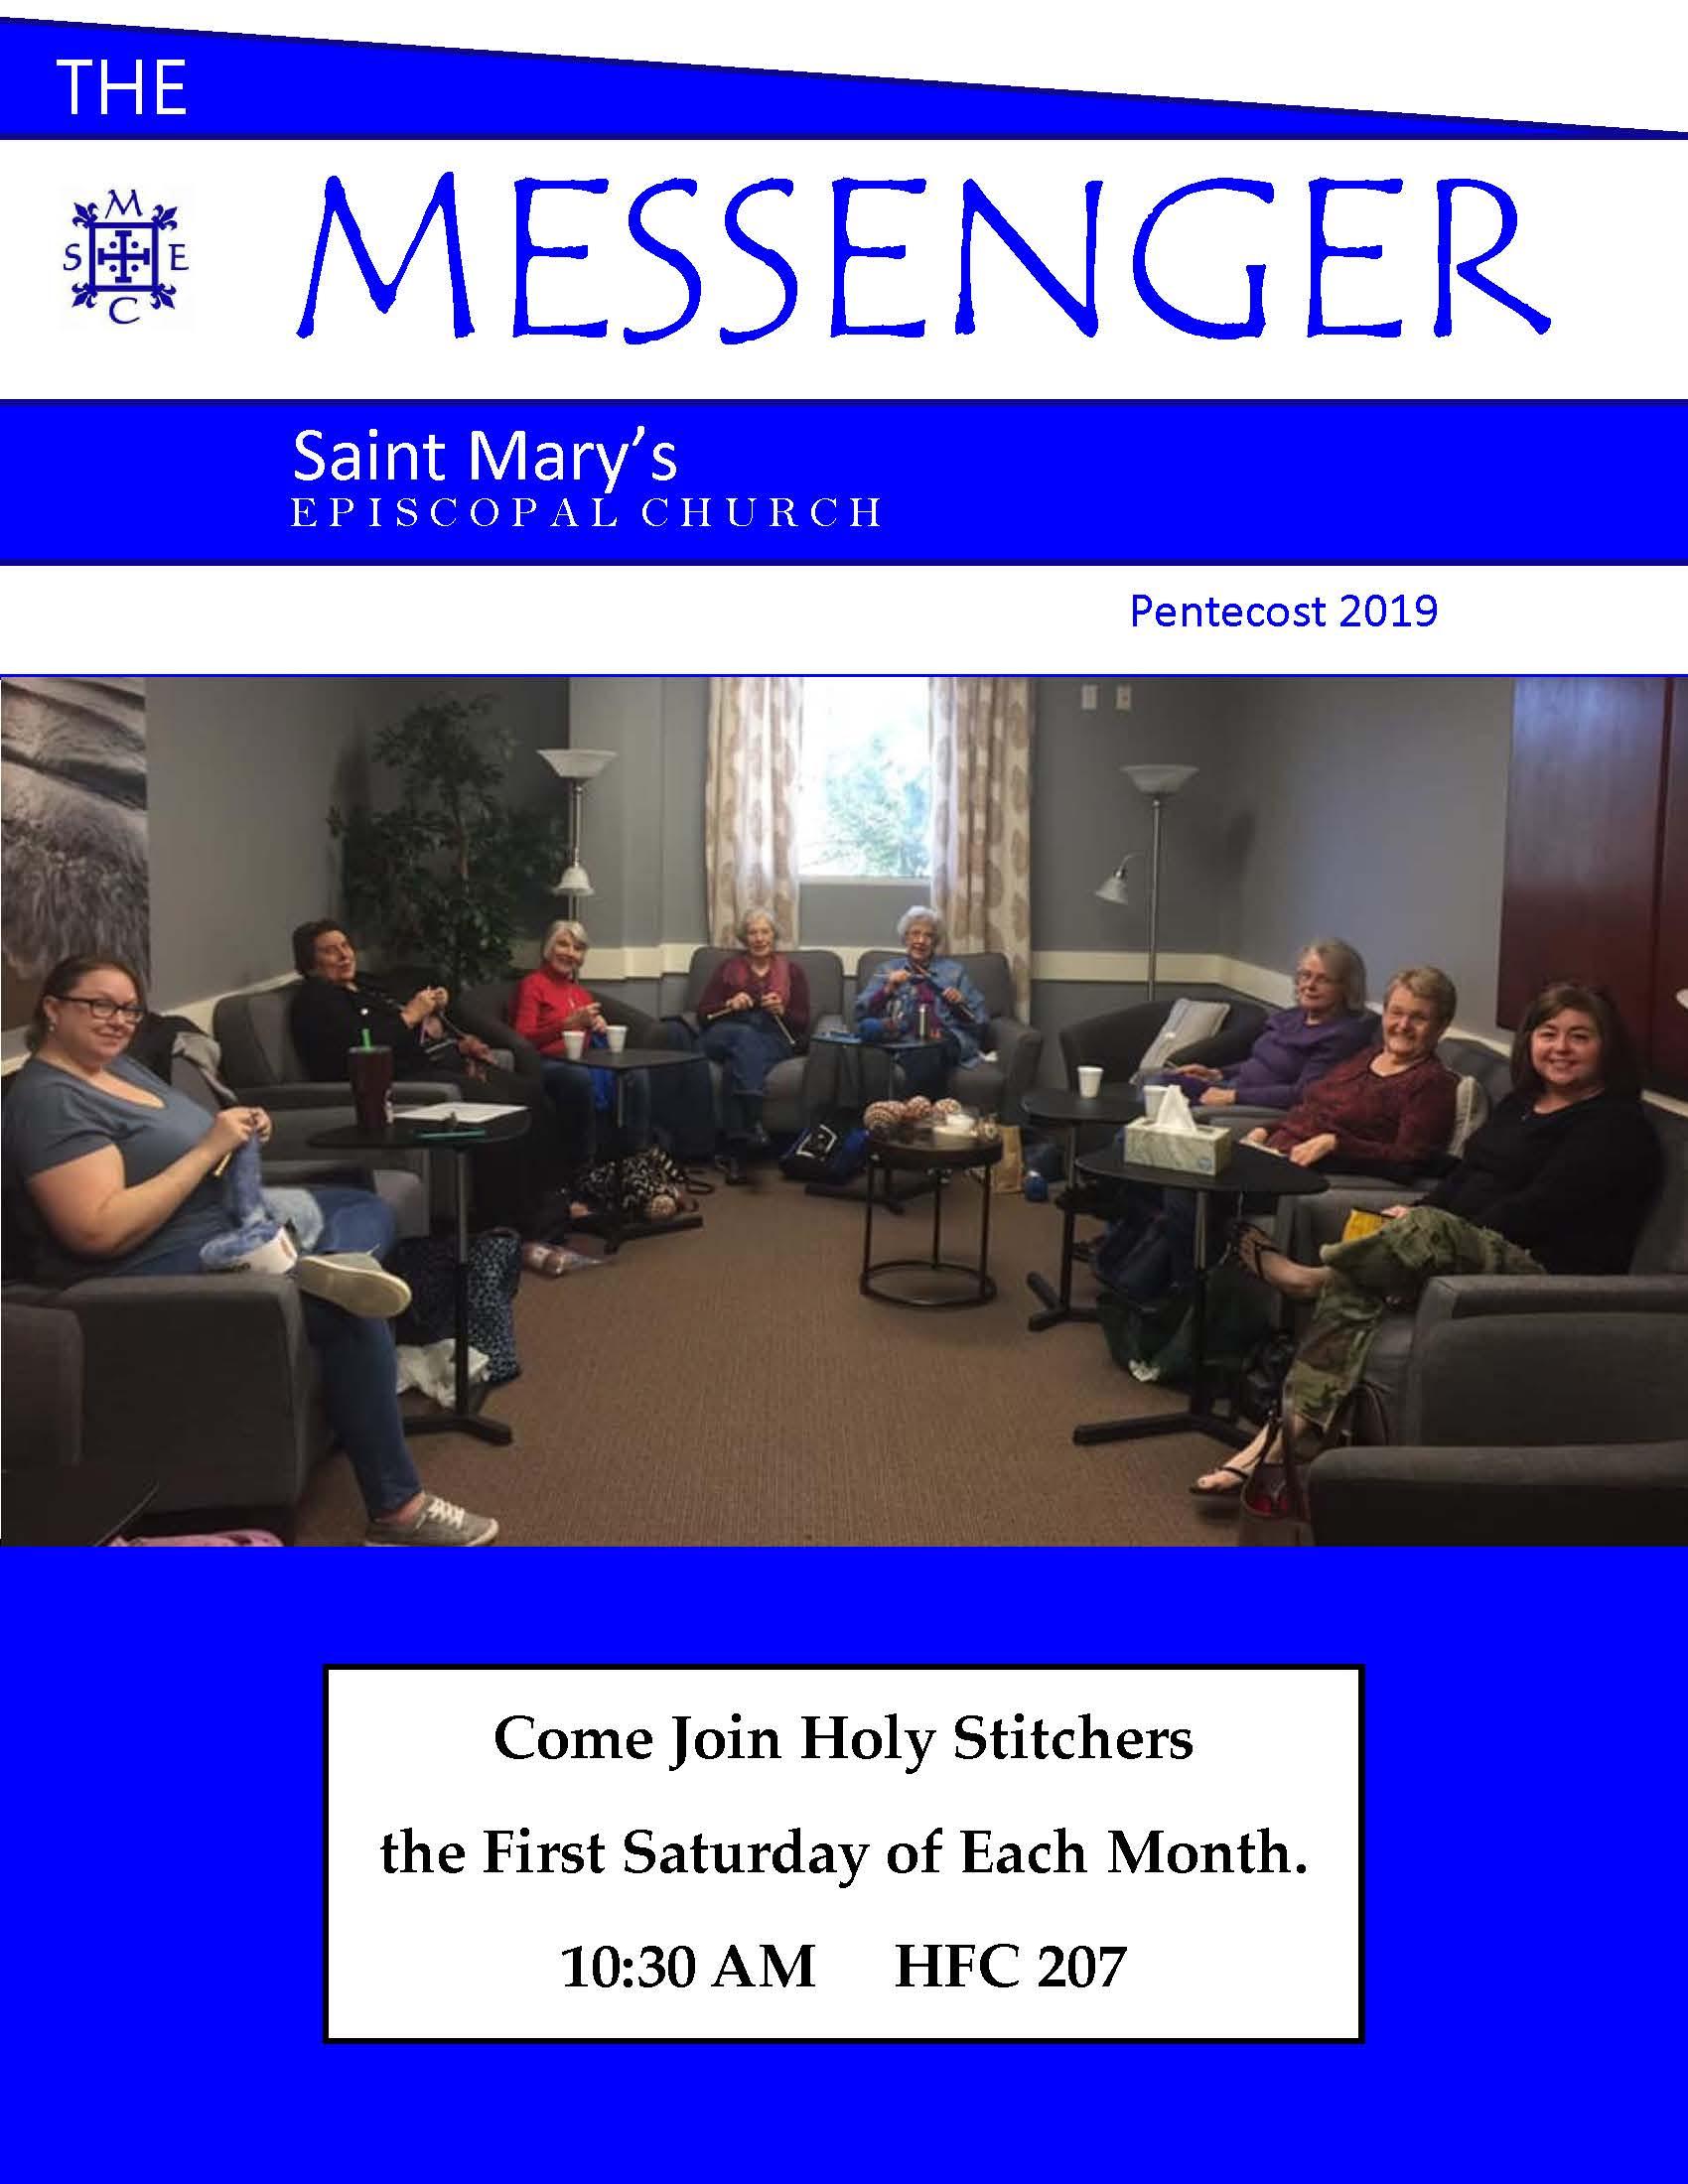 Messenger Pentecost 2019.jpg